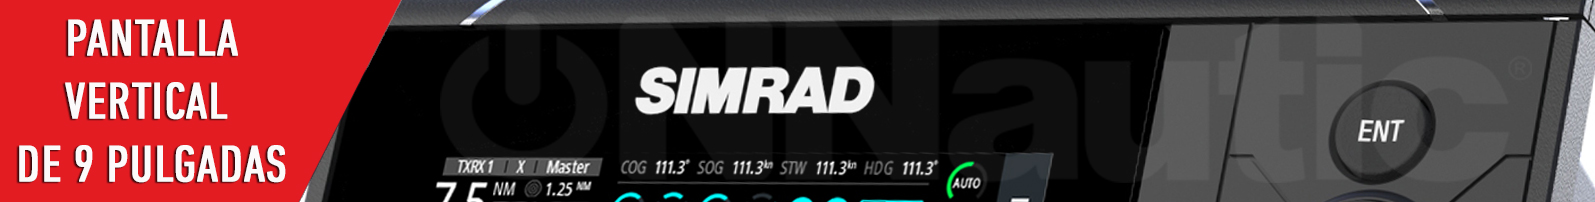 Pantalla Simrad S2009